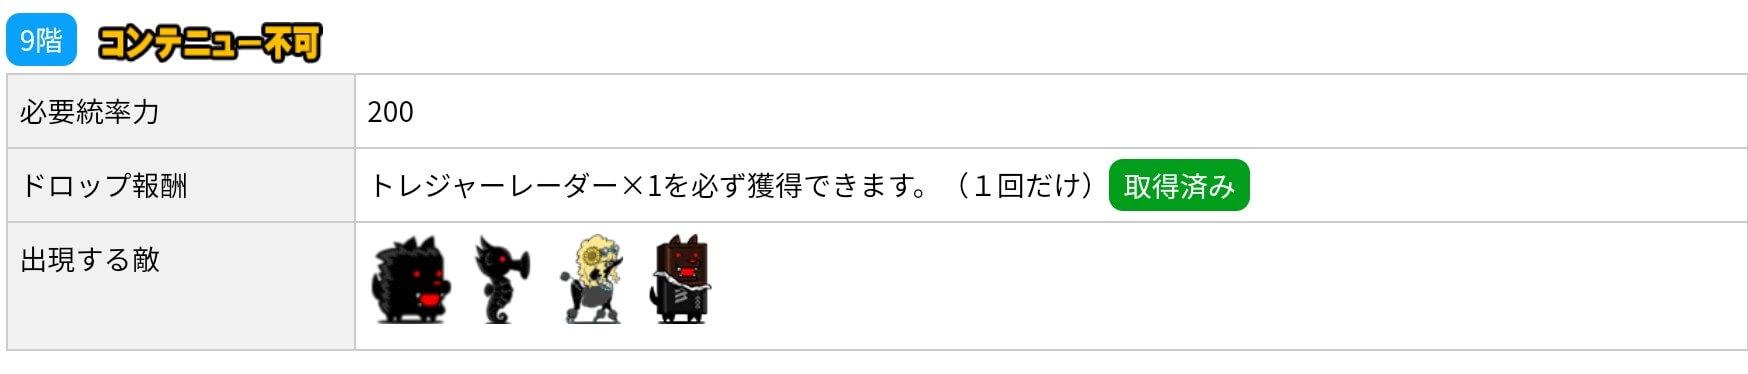 にゃんこ別塔(黒)9階 敵編成